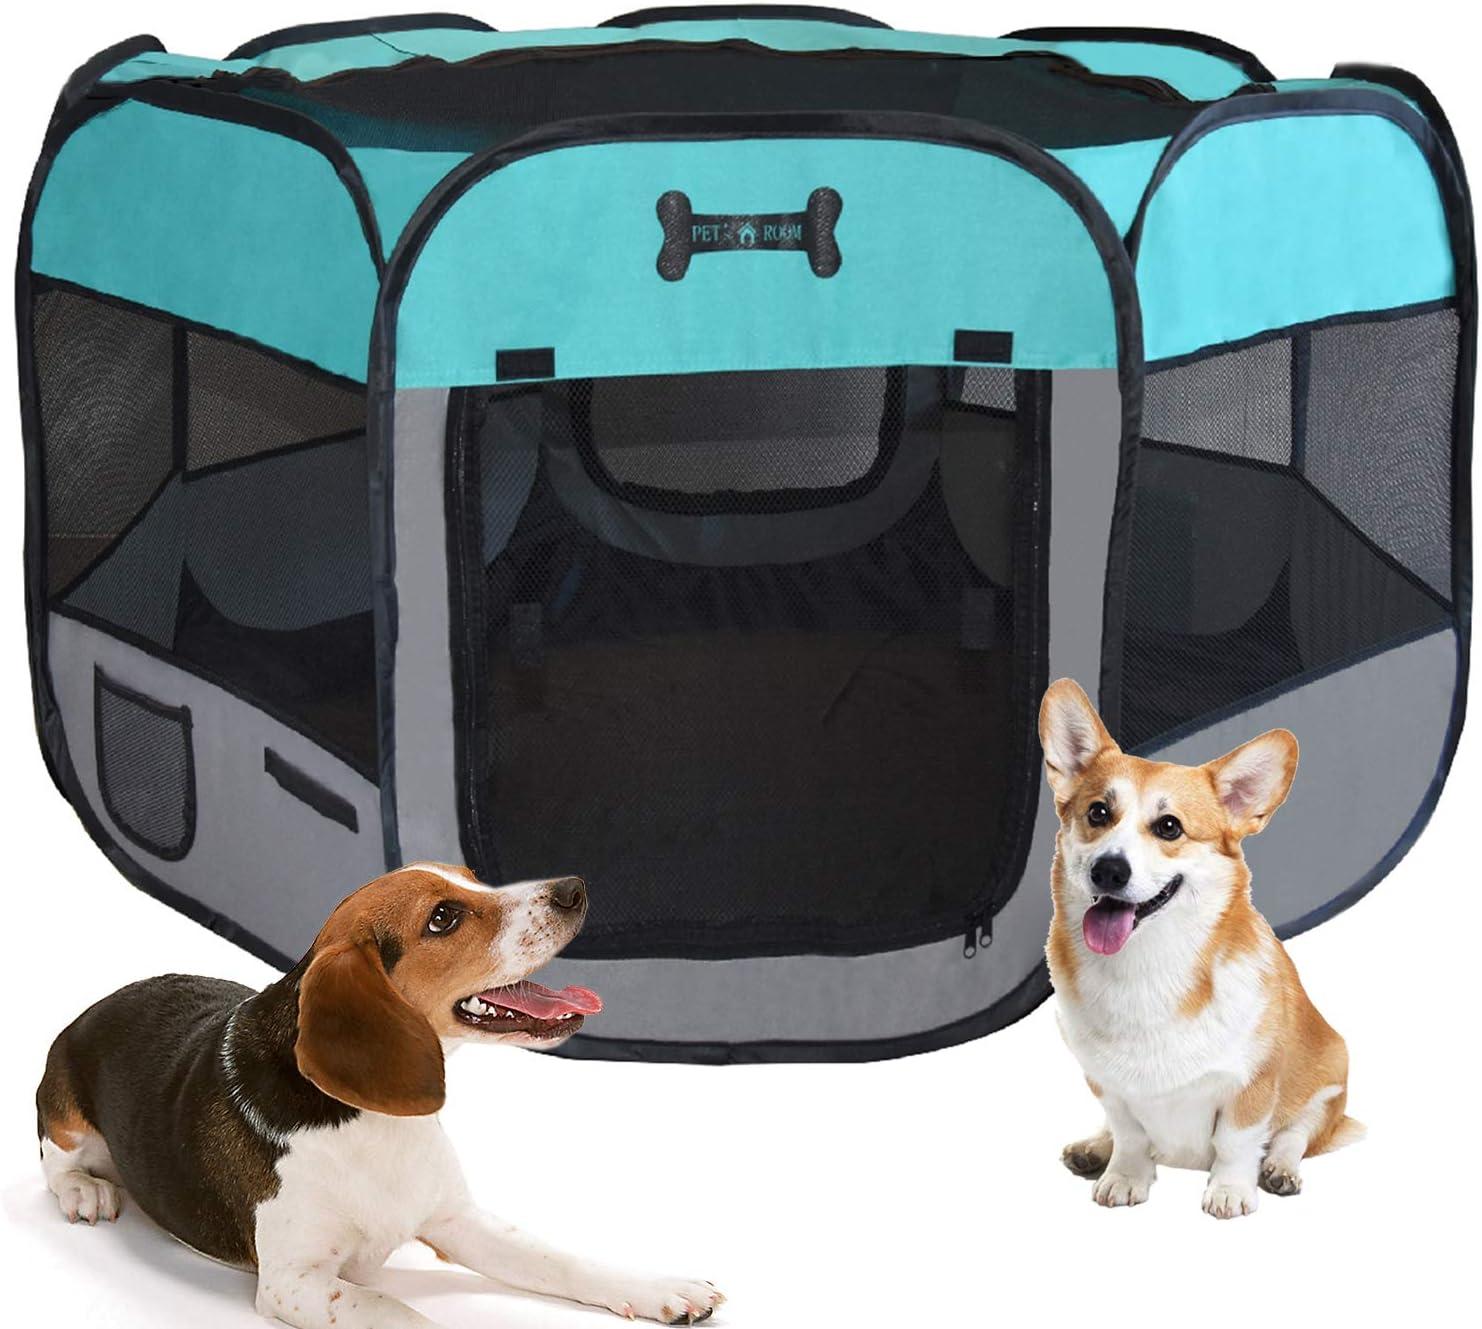 MC Star Portátil Parque Corral Oxford Cachorro Animales para Perros, Gatos, Conejos y Pequeño Animales, 125 x 125 x 64 cm, Verde